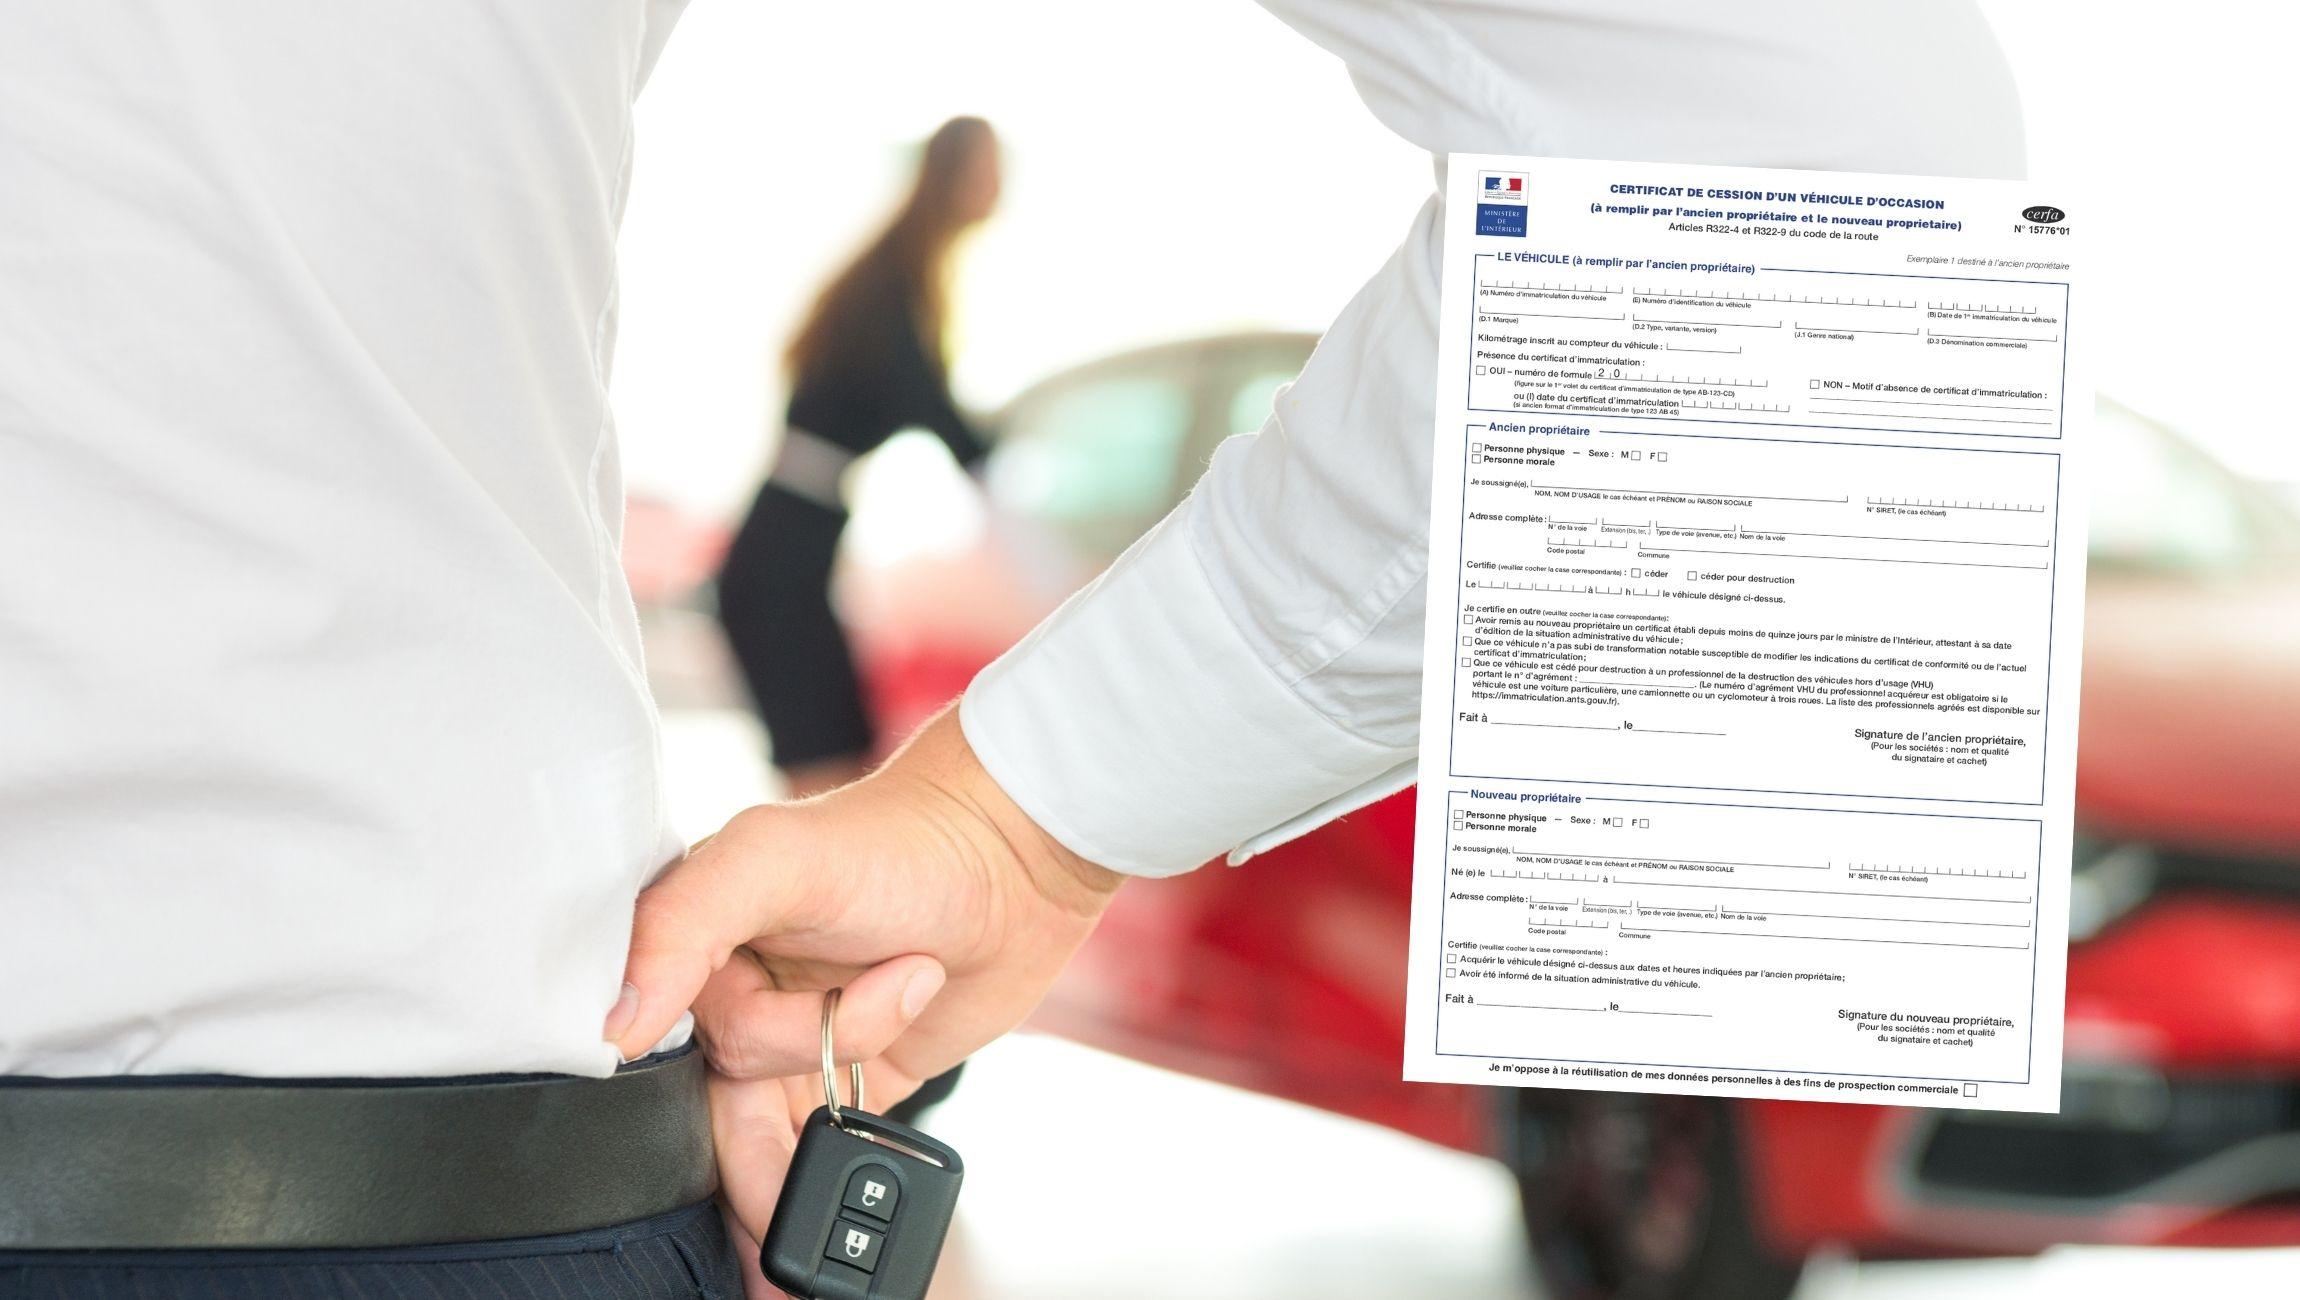 Certificat de cession non enregistré